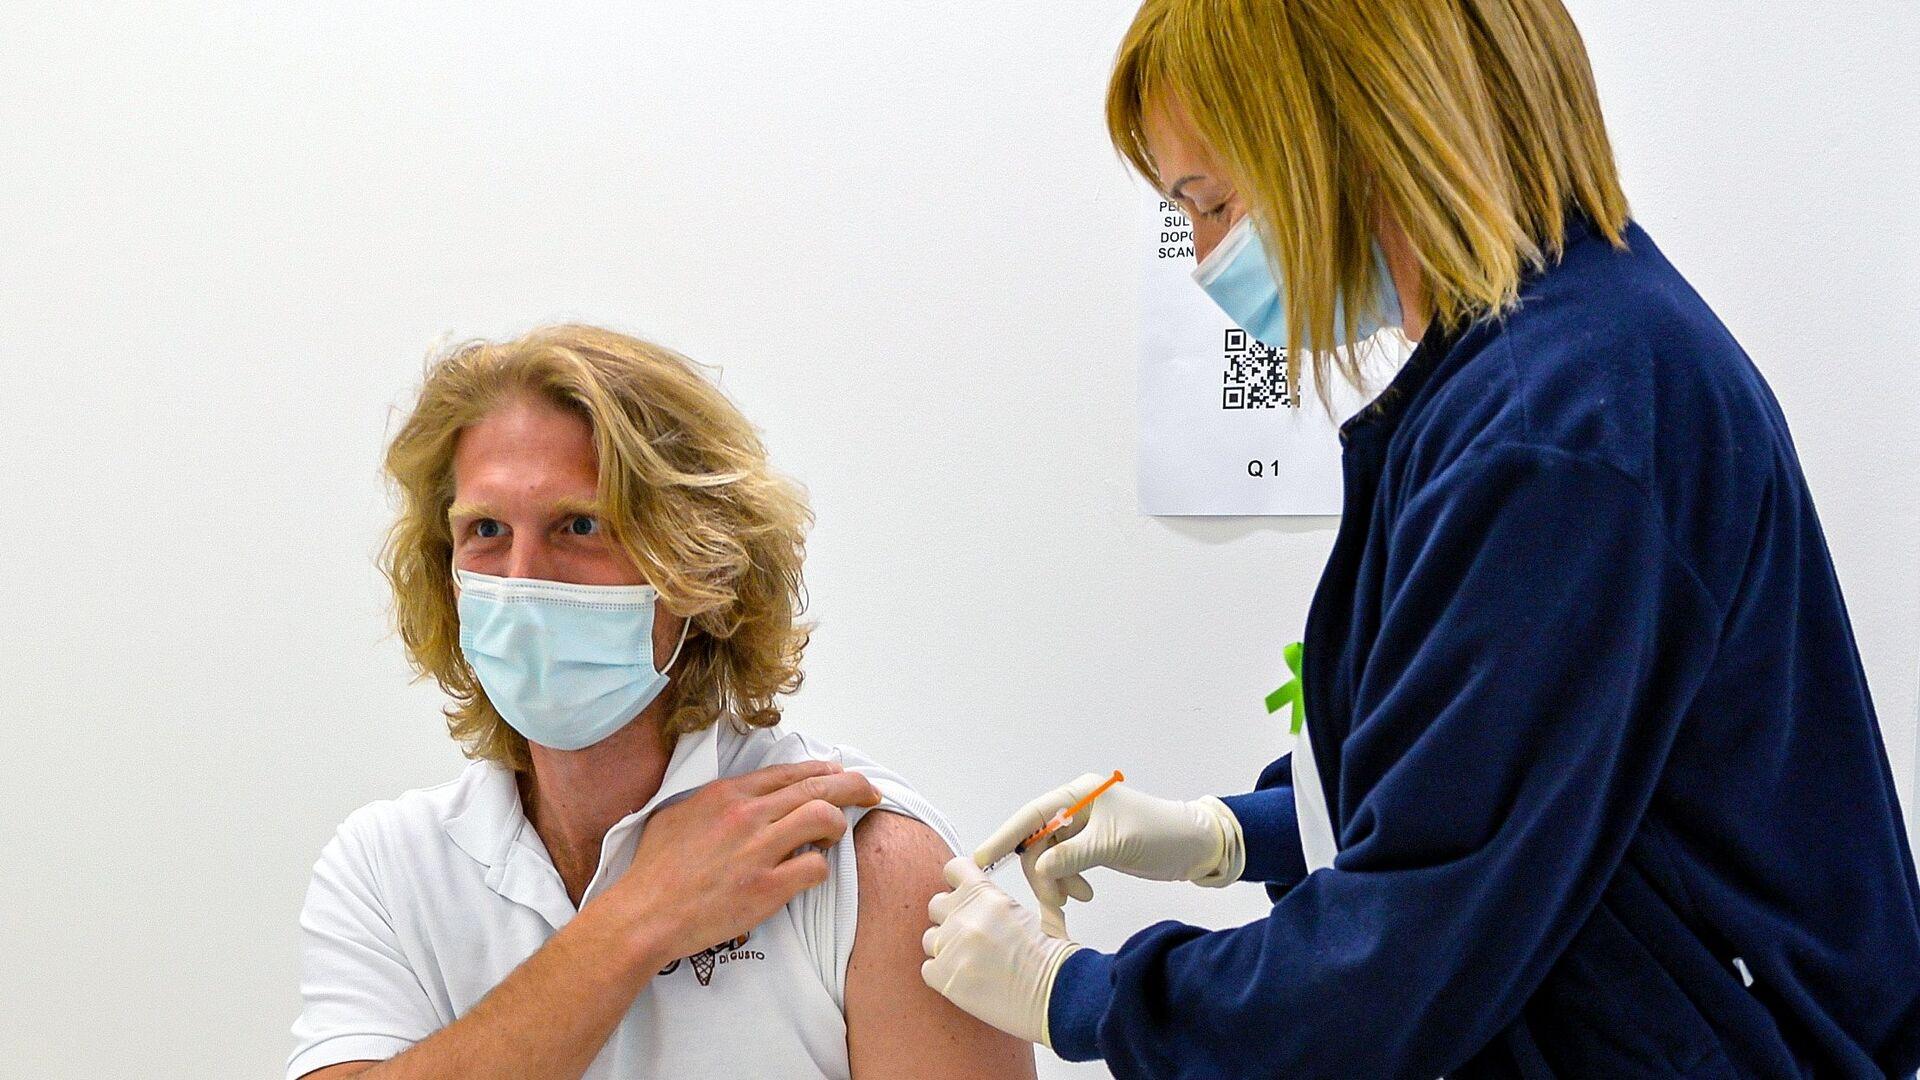 Мужчина во время вакцинации от COVID-19 российским препаратом Sputnik V (Гам-КОВИД-Вак) в Сан-Марино - Sputnik Латвия, 1920, 17.06.2021